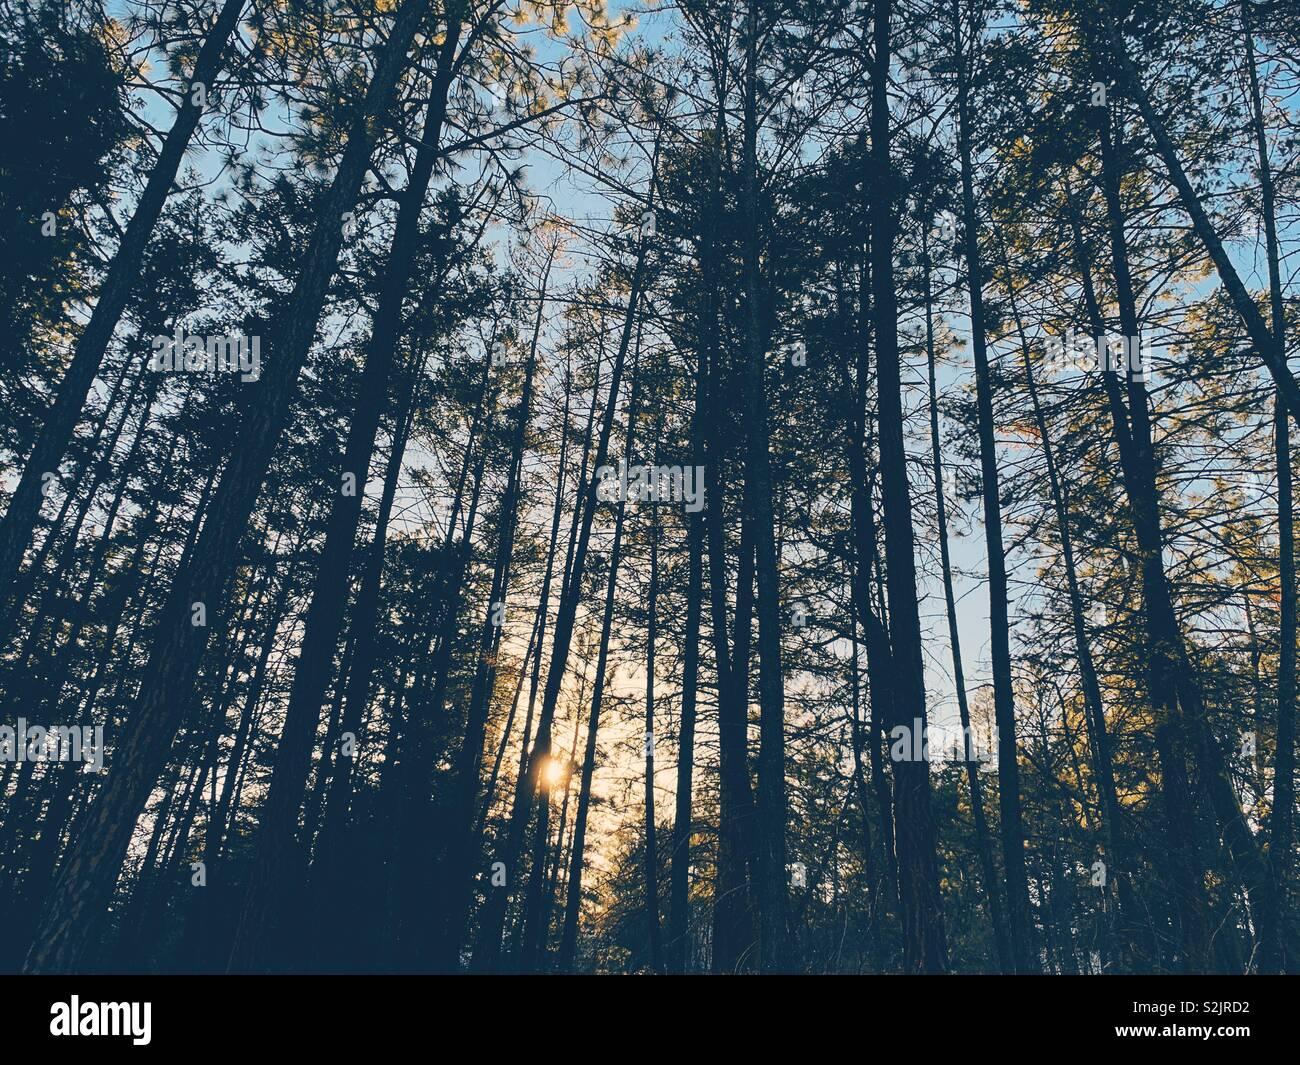 Puesta de sol a través de los árboles de un bosque siempreverde. Foto de stock